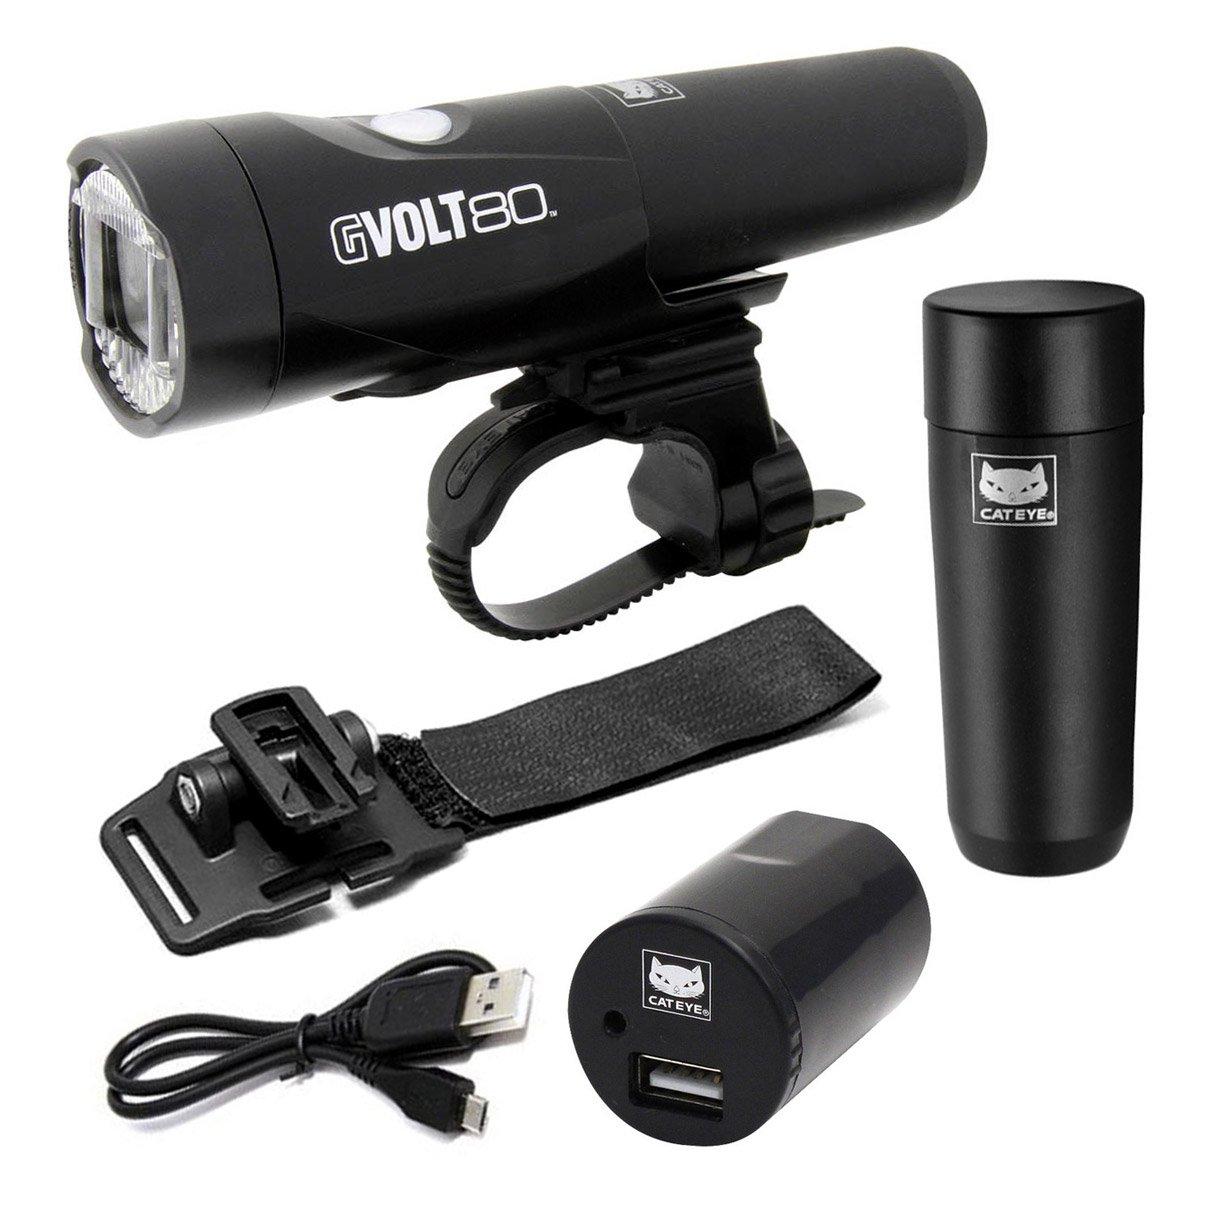 Cateye gvolt 80 LED Bicicleta luz/Linterna de Casco Incluye 2 baterías y Cargador: Amazon.es: Deportes y aire libre